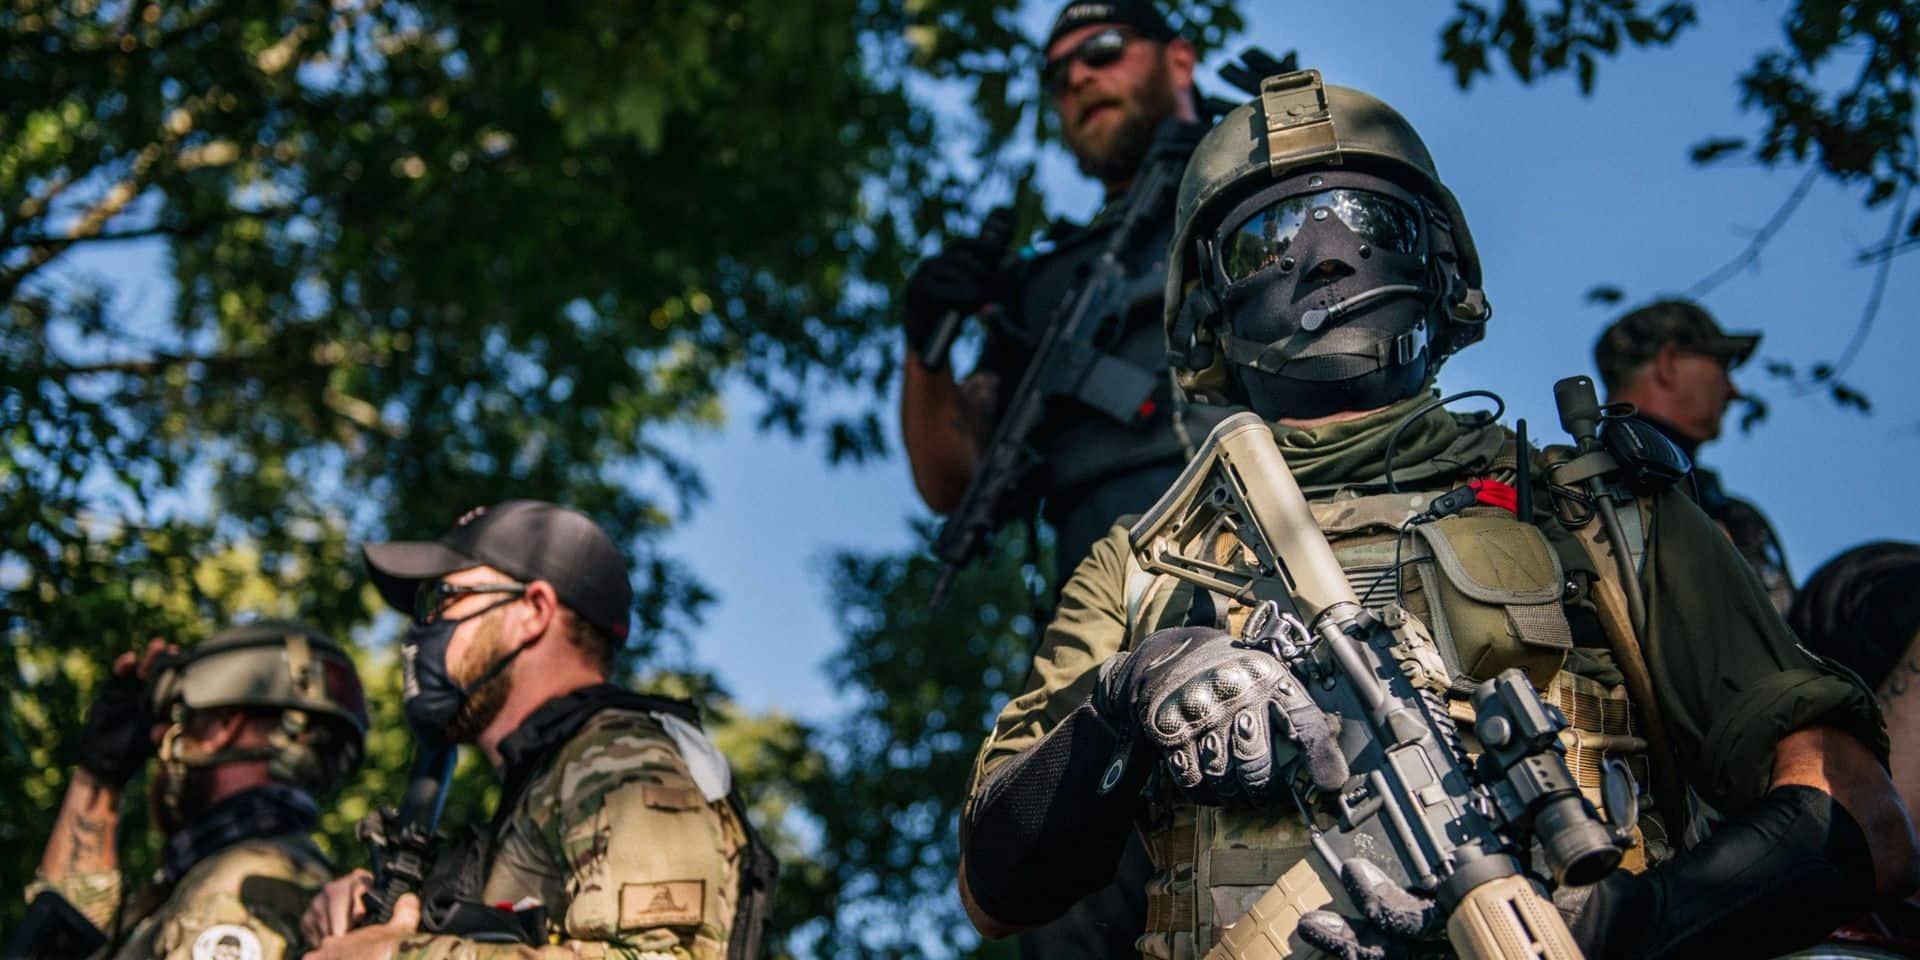 Aux Etats-Unis, face-à-face entre miliciens blancs lourdement armés et manifestants antiracistes